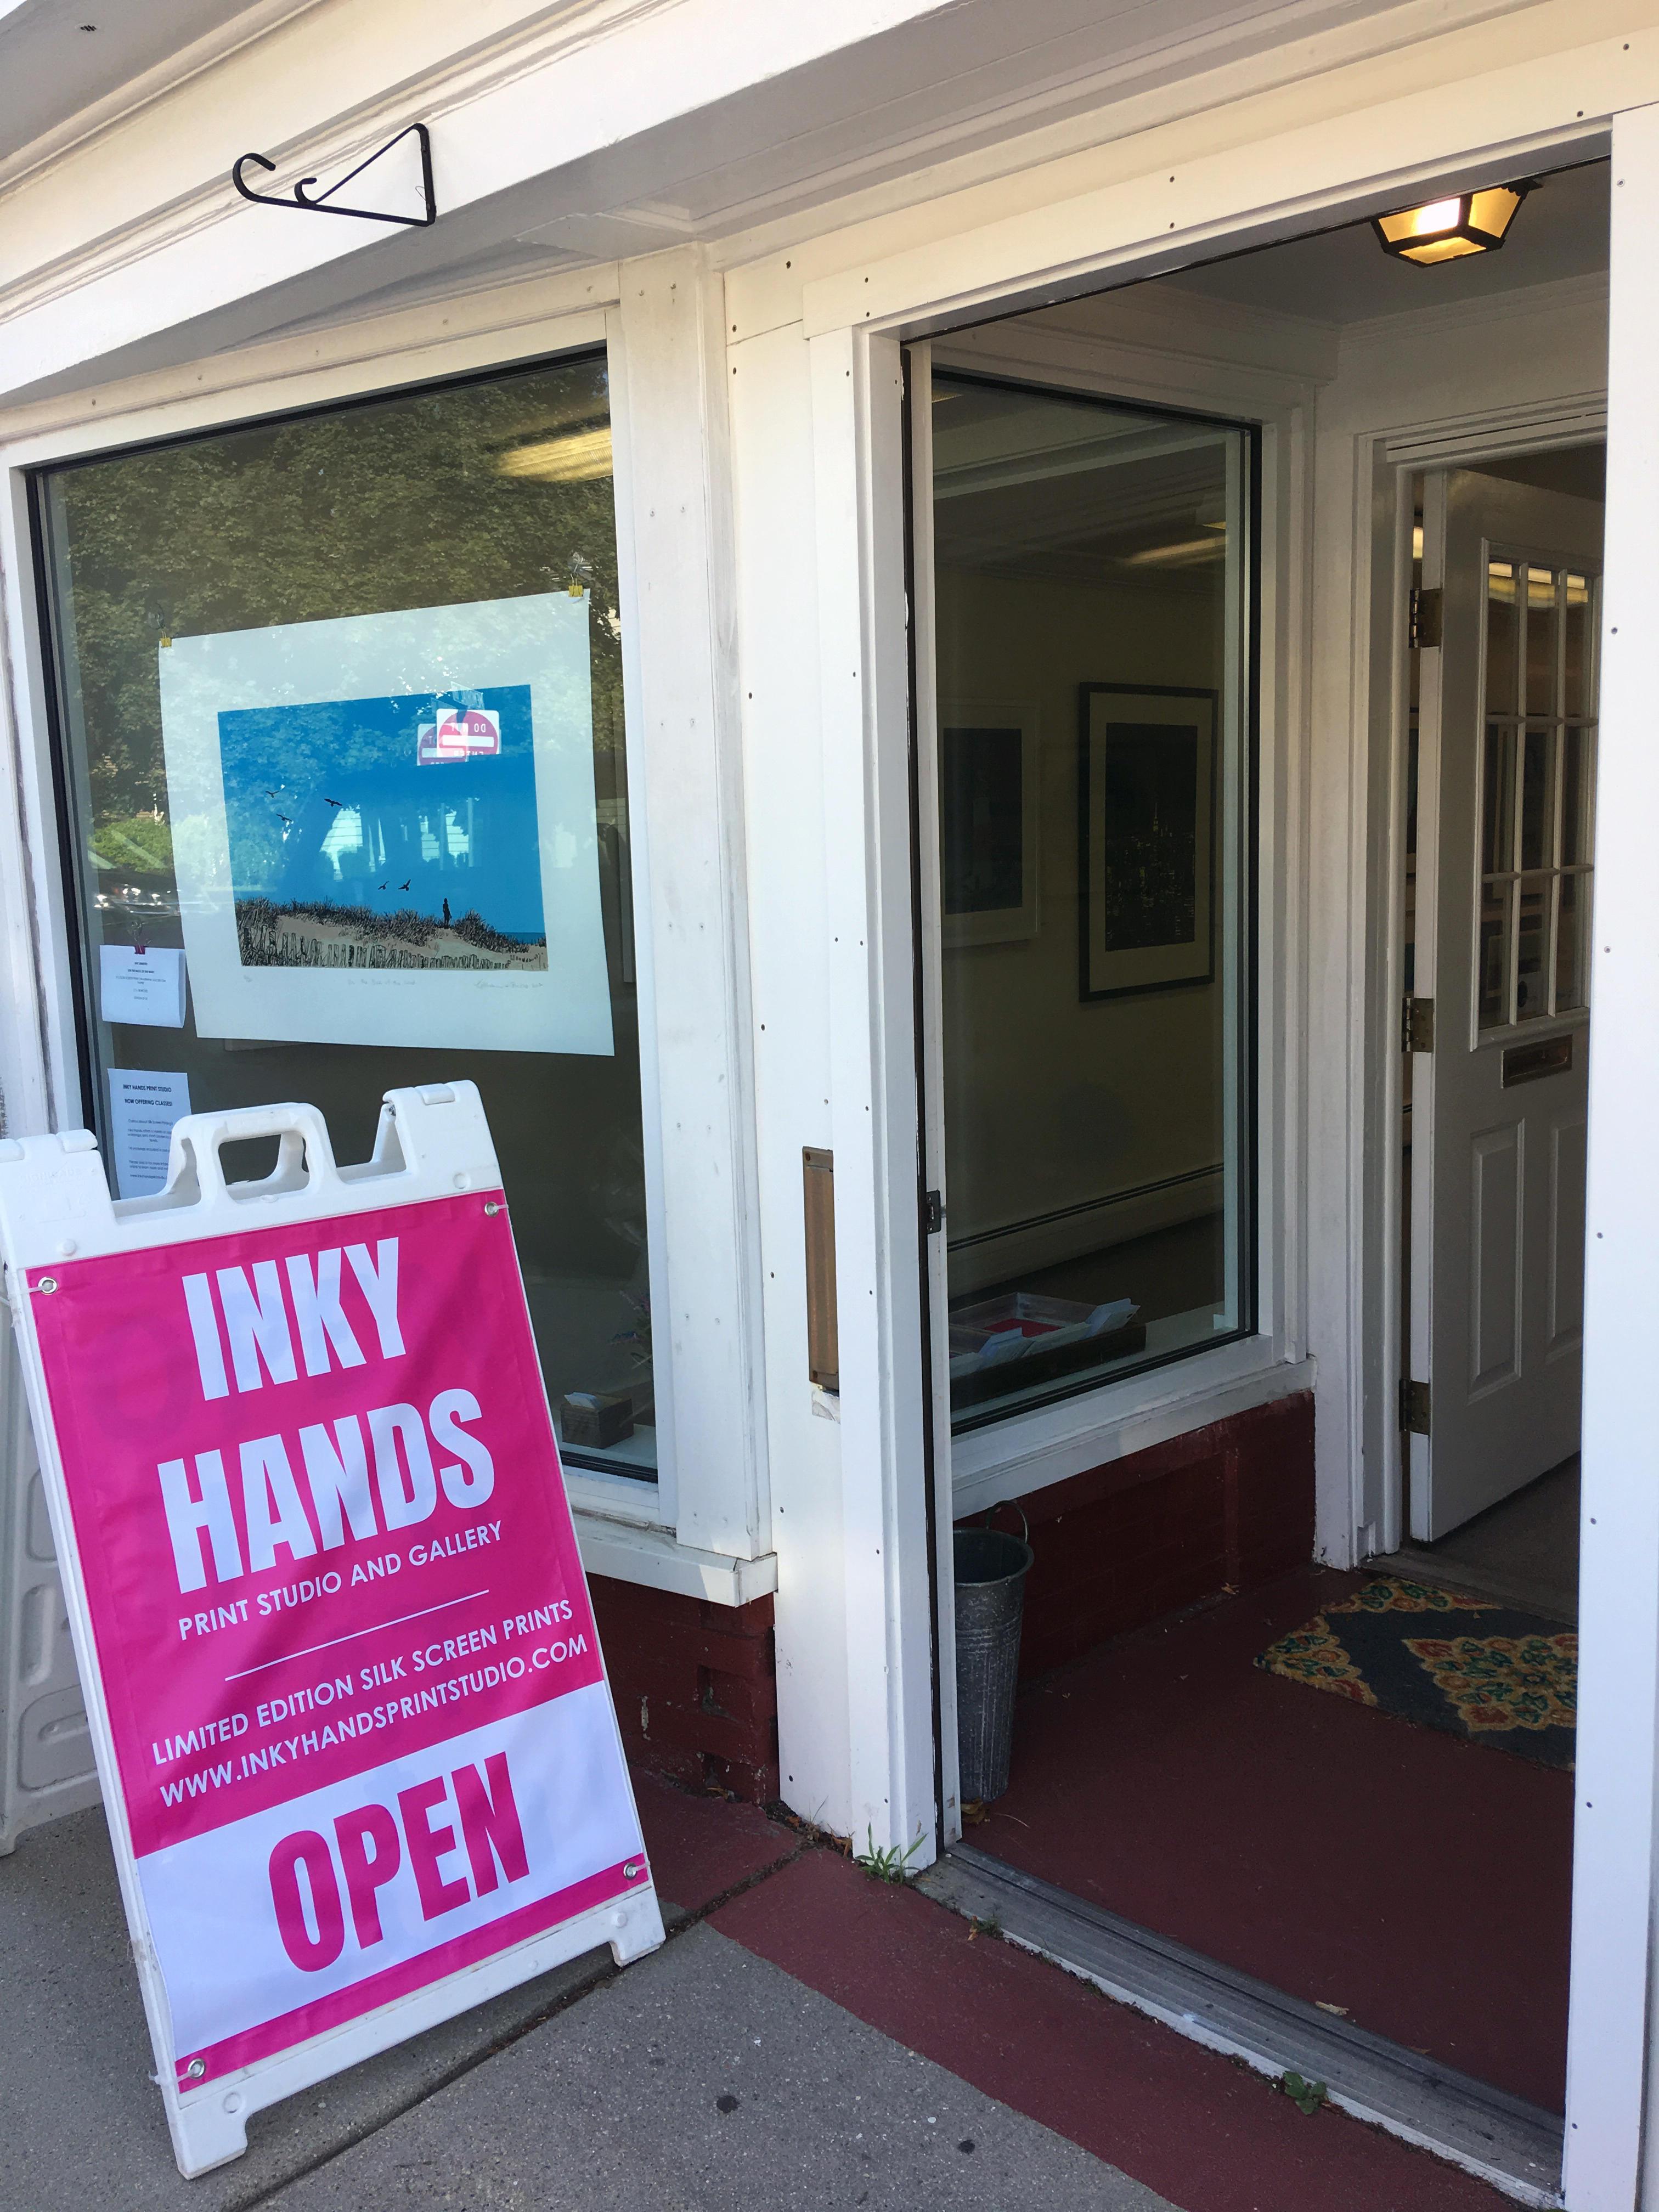 Inky Hands Print Studio & Gallery image 3